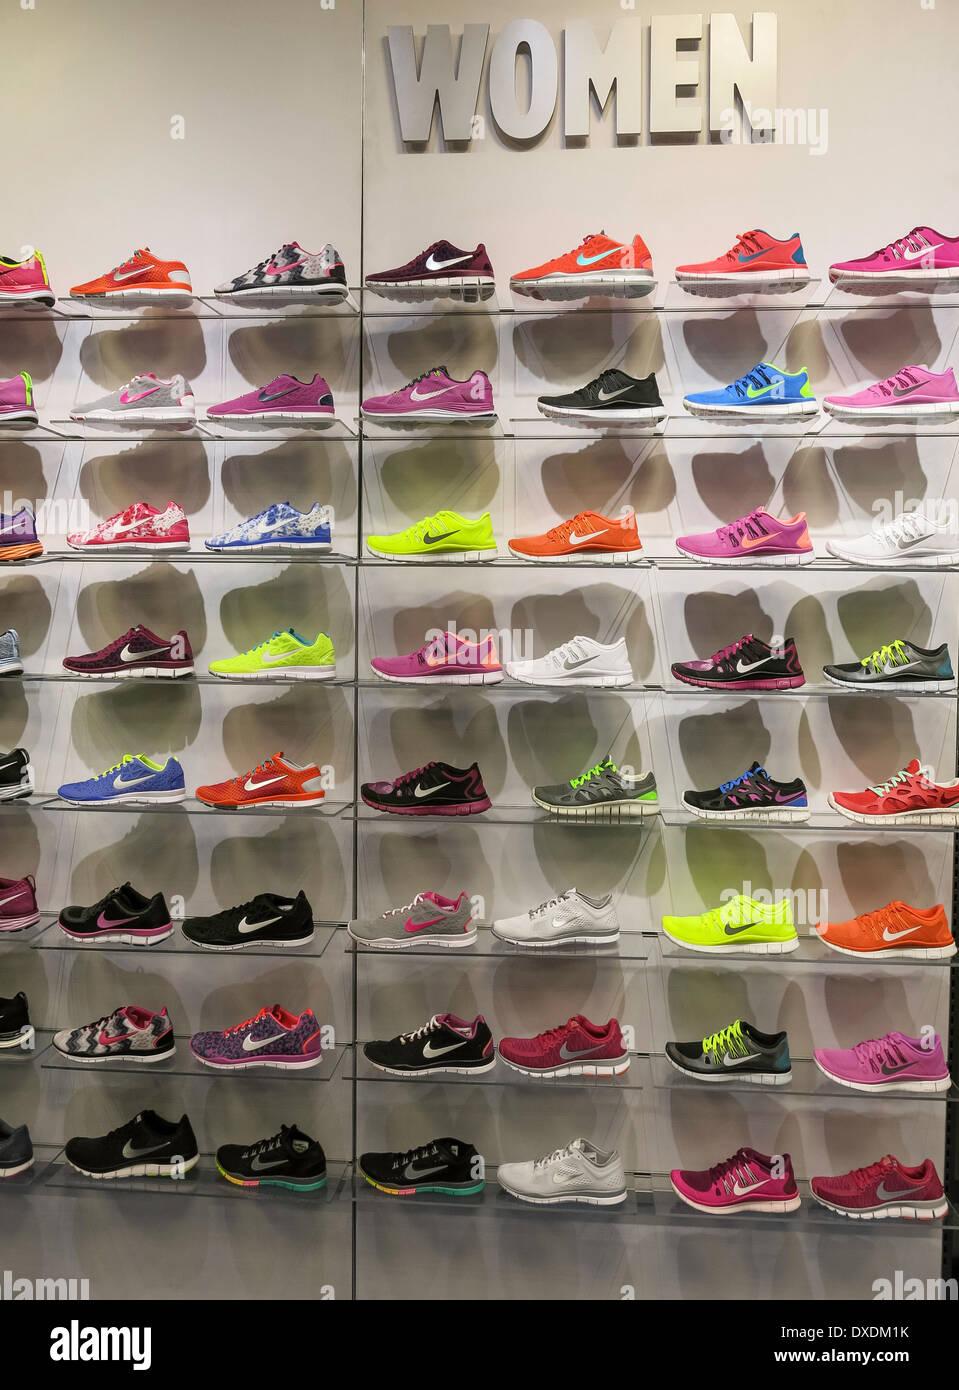 Shoe Foot Imágenes Stockamp; De Wall Locker Athletic VpqSUzM